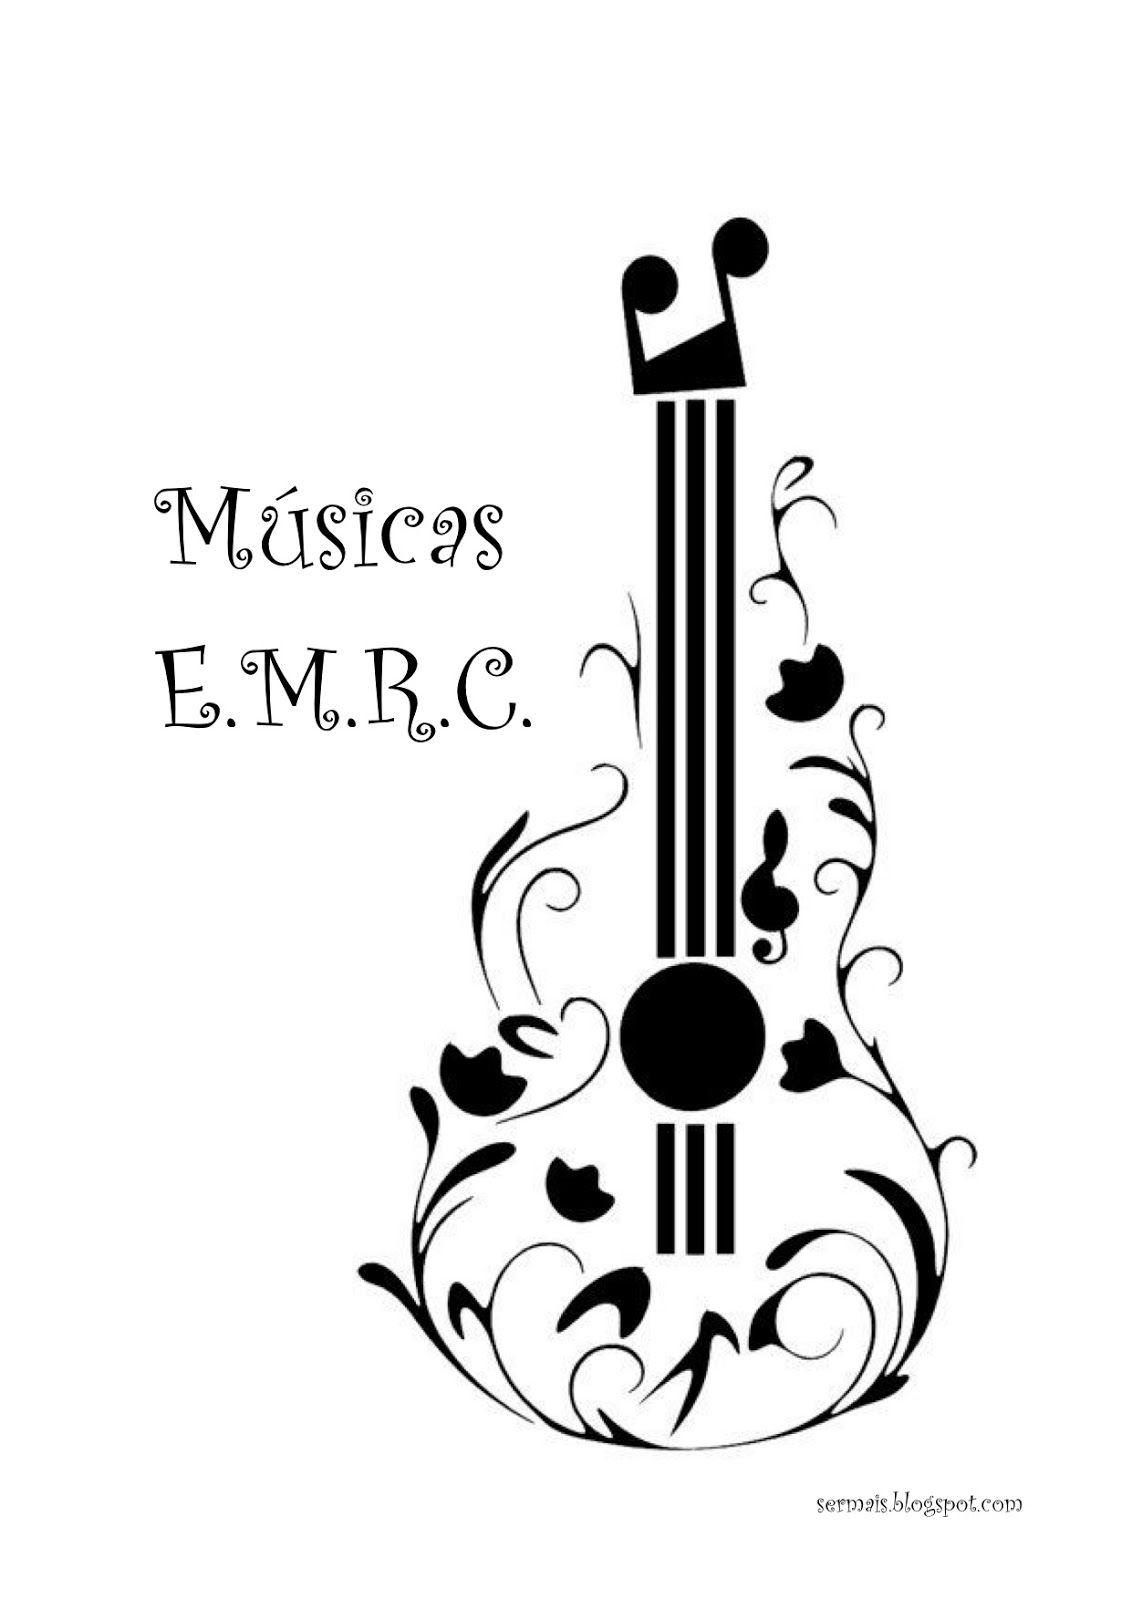 Pin De Lanucy Gomes Em Desenhos Musica Ilustracao Da Musica